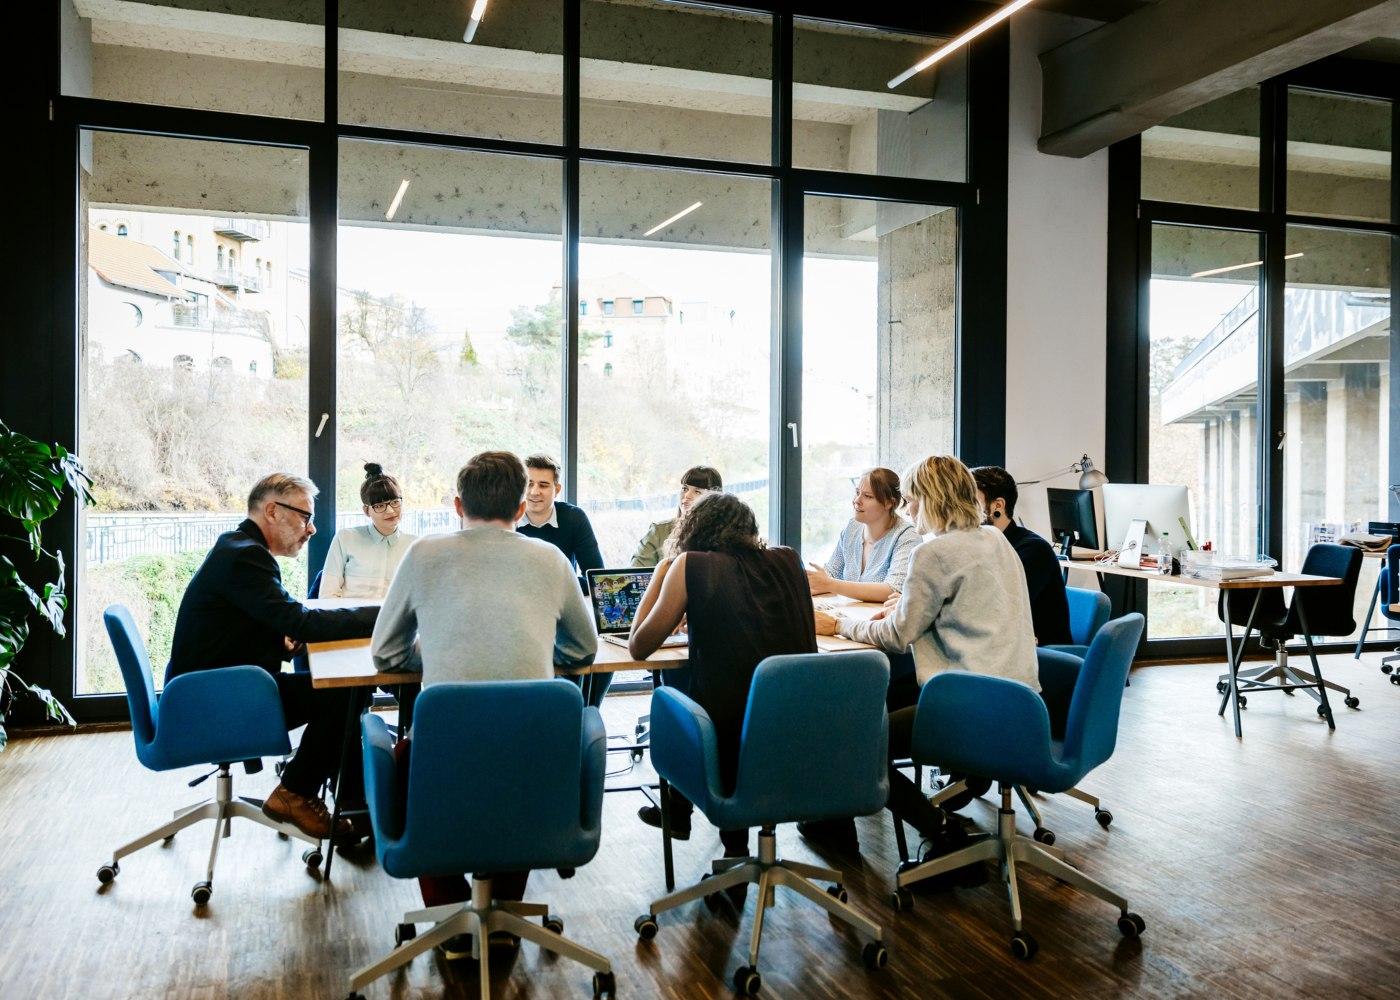 trabalhadores em reunião no escritório